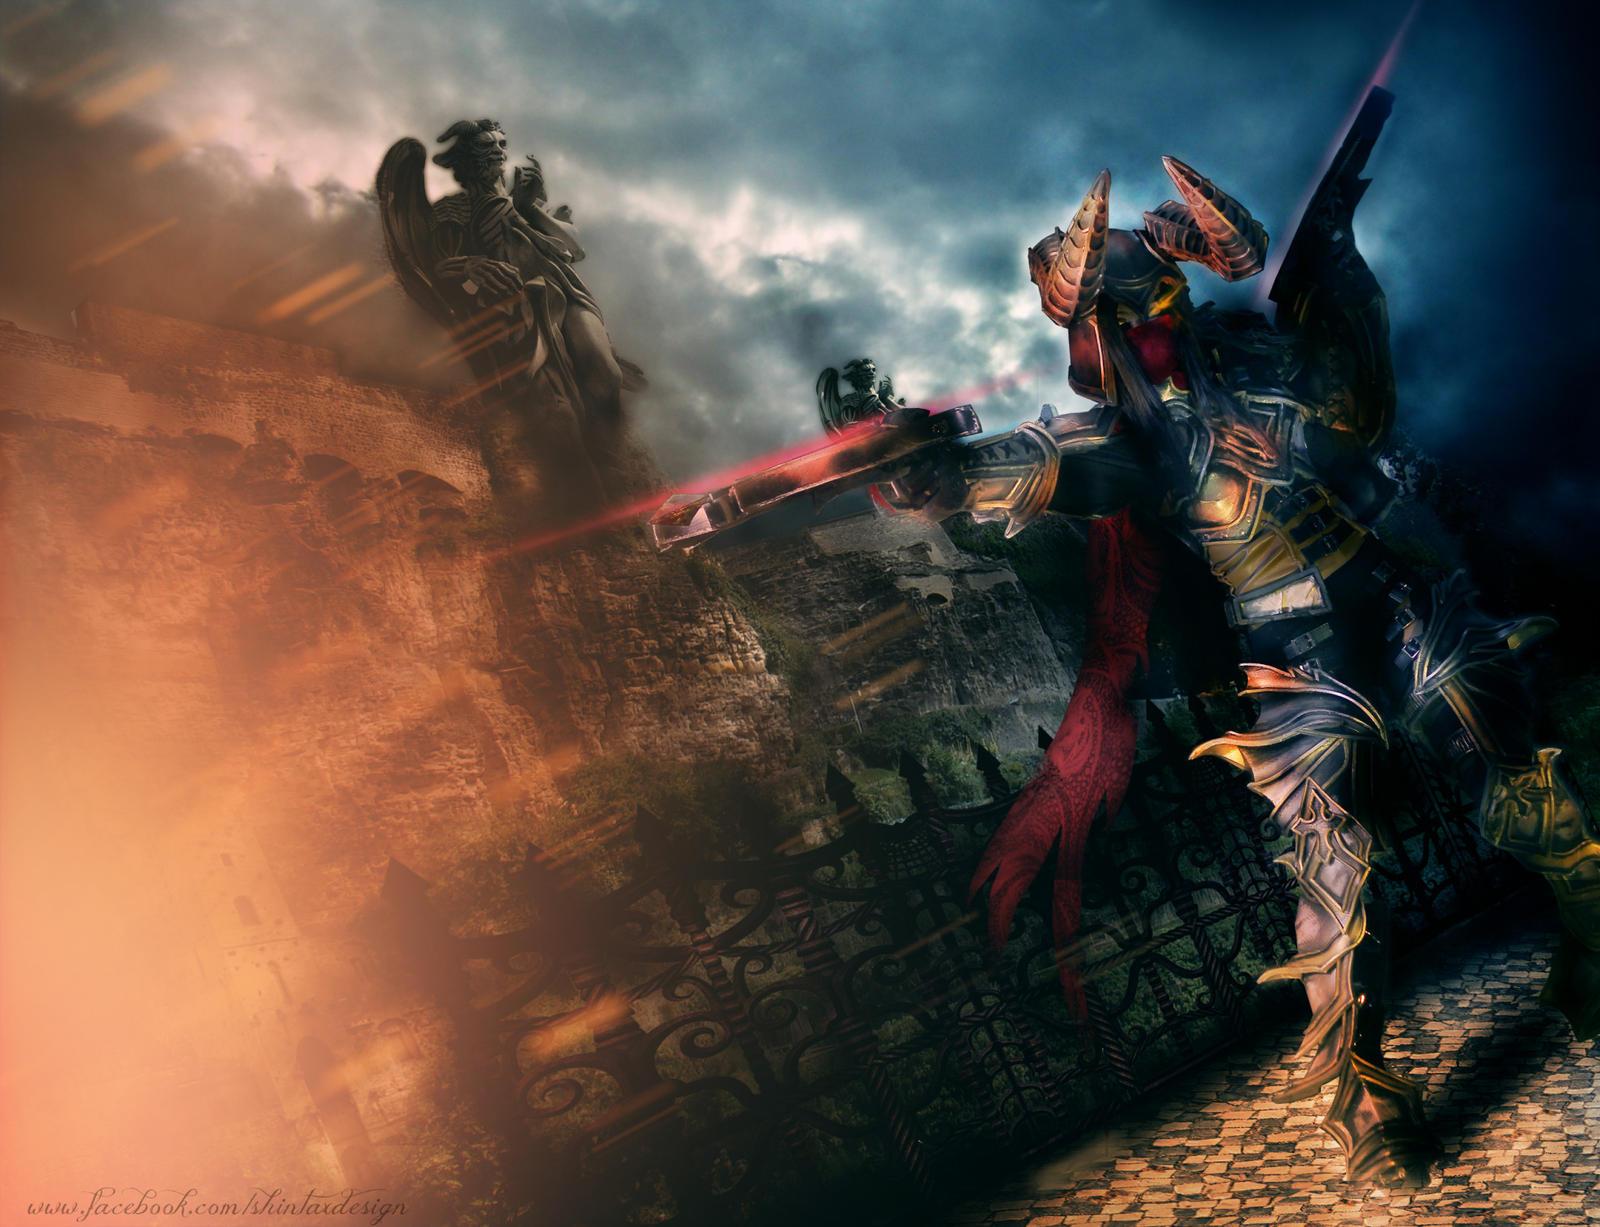 Demon Hunter from Diablo III by KRIZYOW